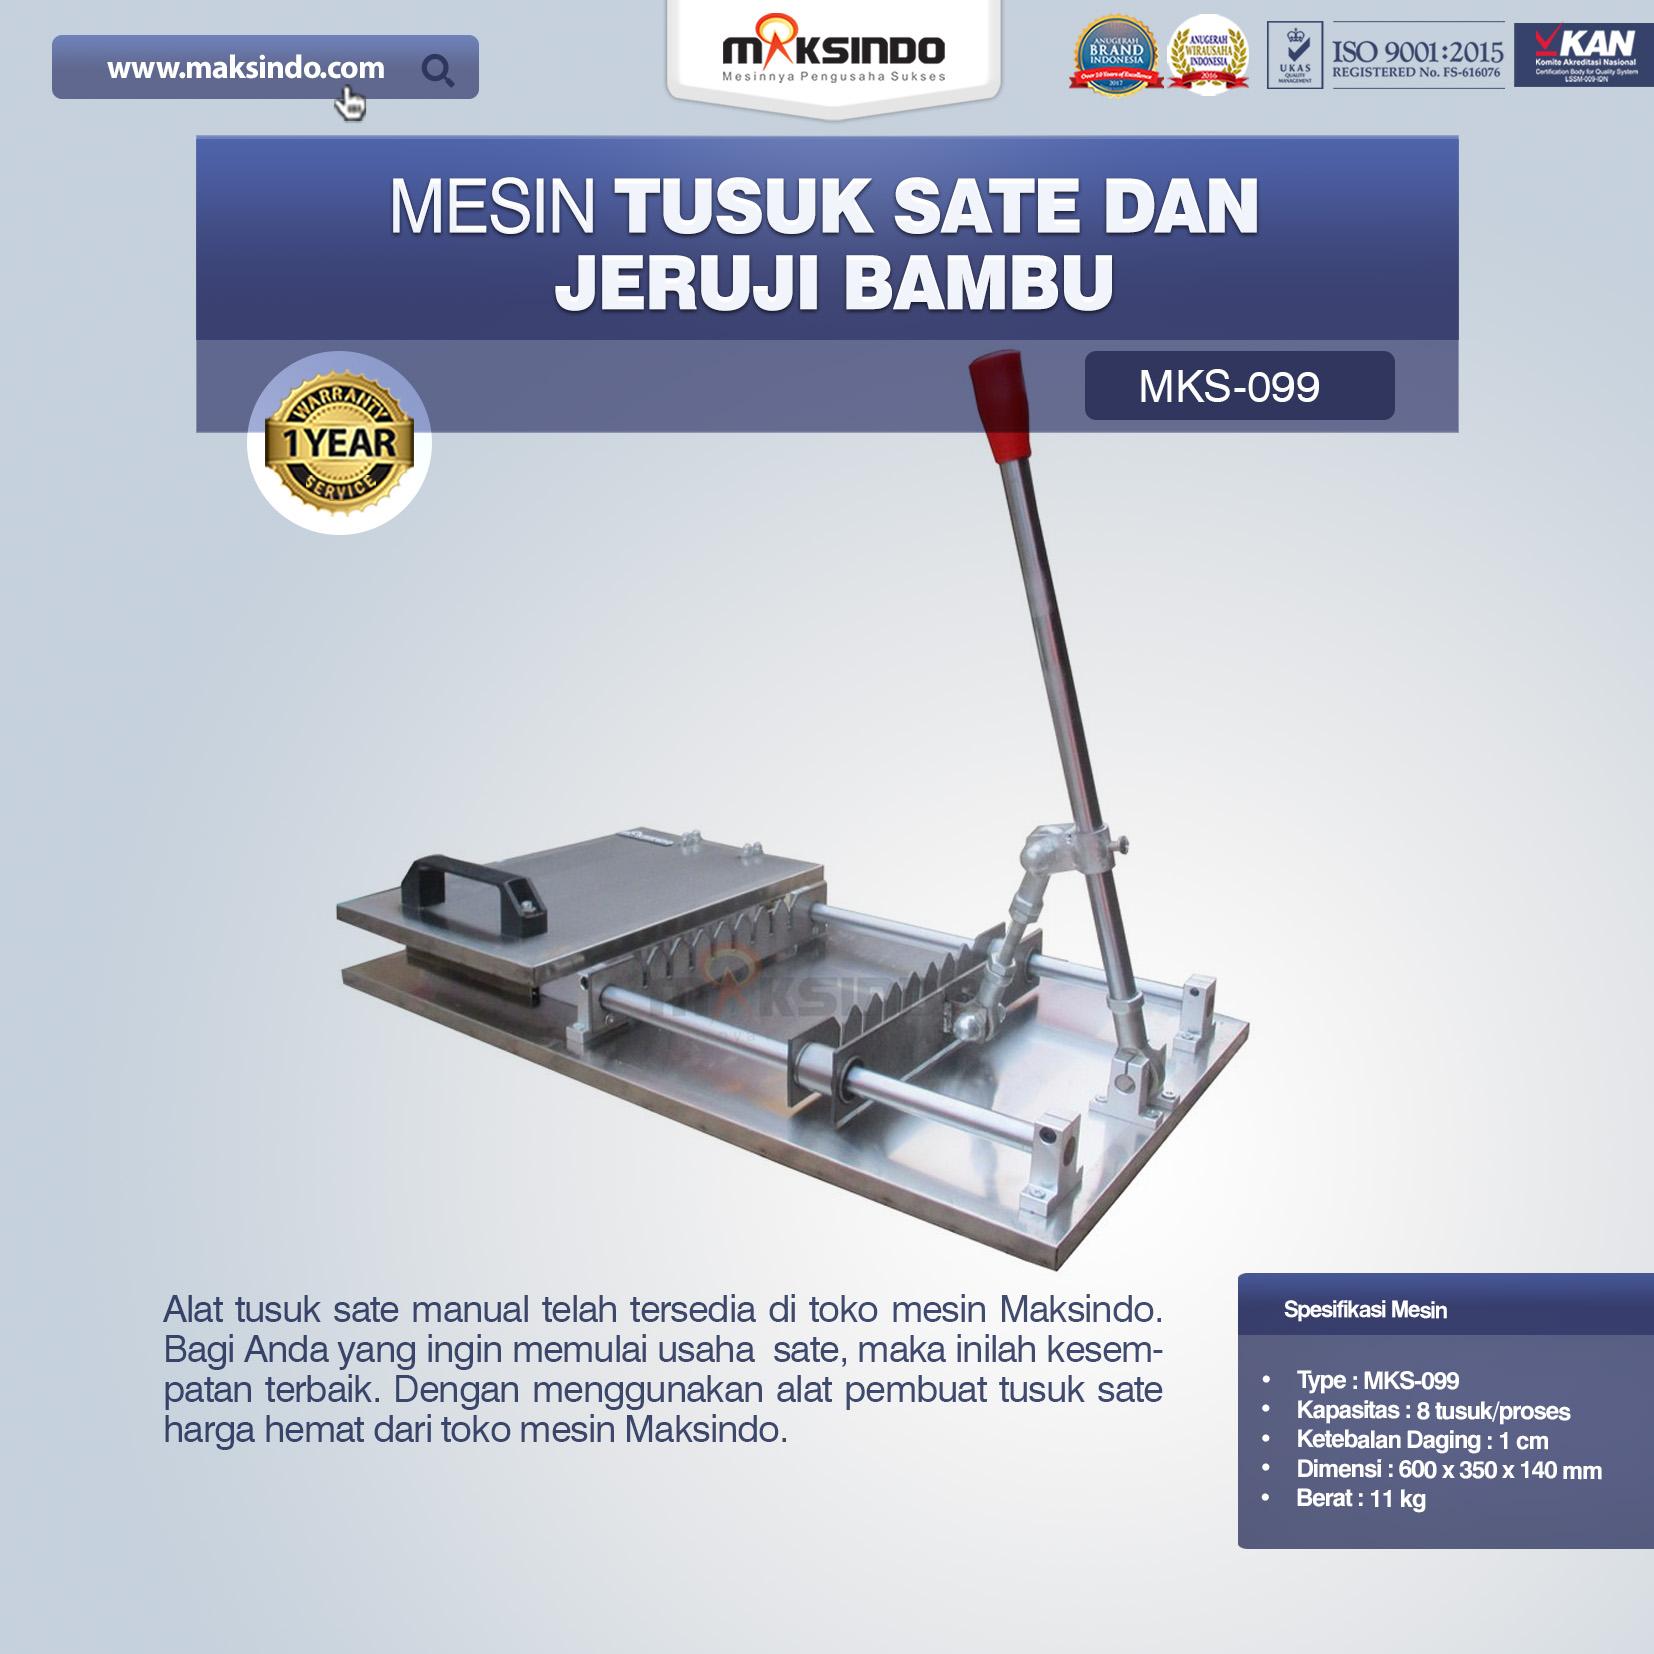 Jual Alat Tusuk Sate ManualMKS-099 di Bali